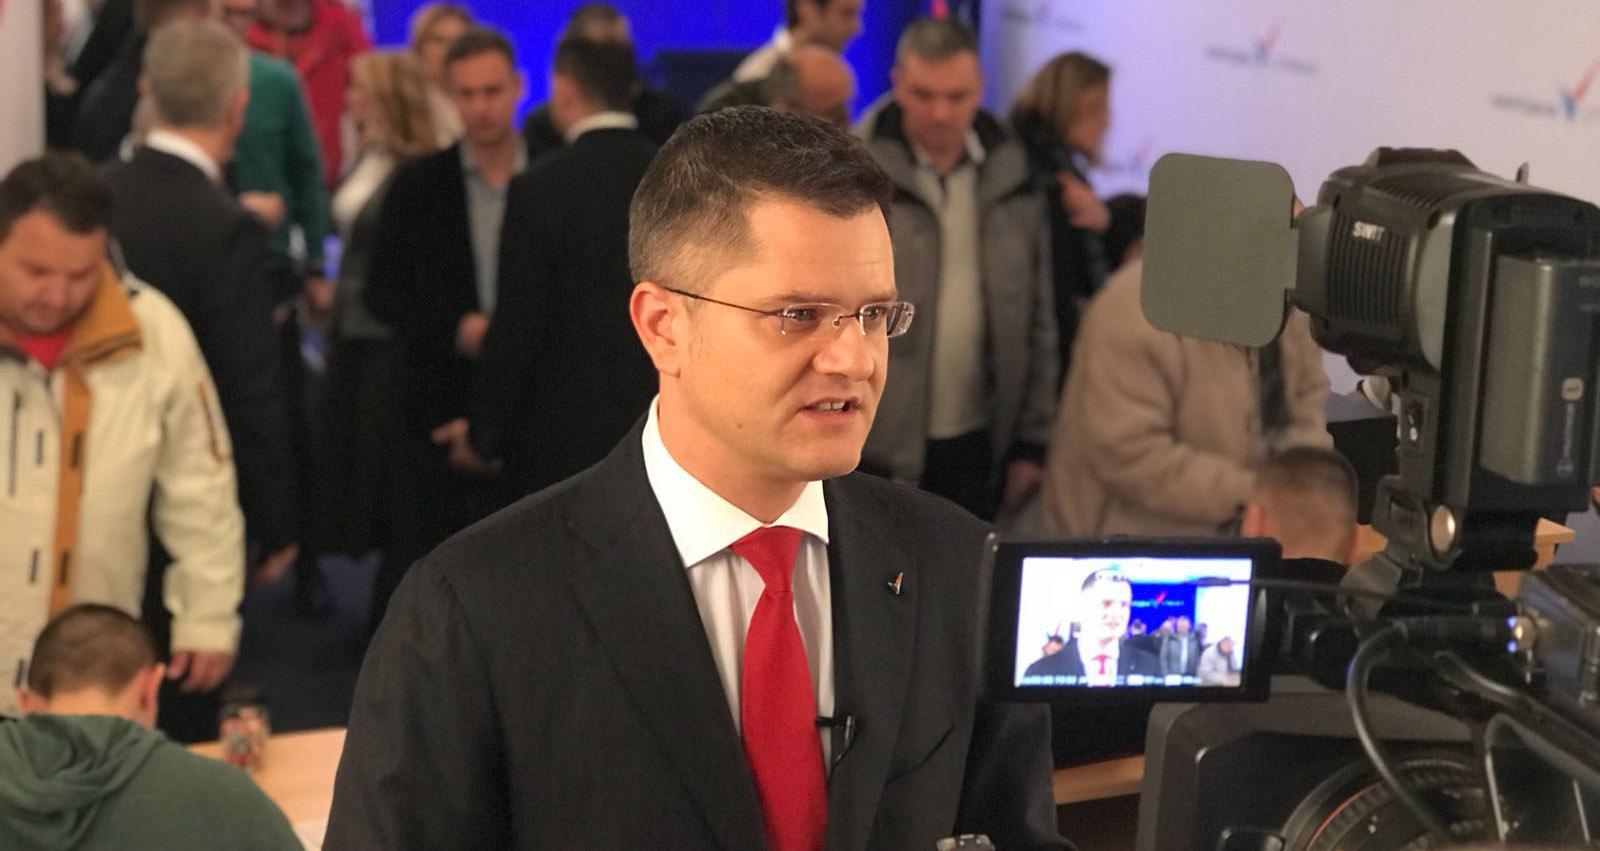 Јеремић: Победићемо режим у Београду, масовна подршка грађана нашој листи